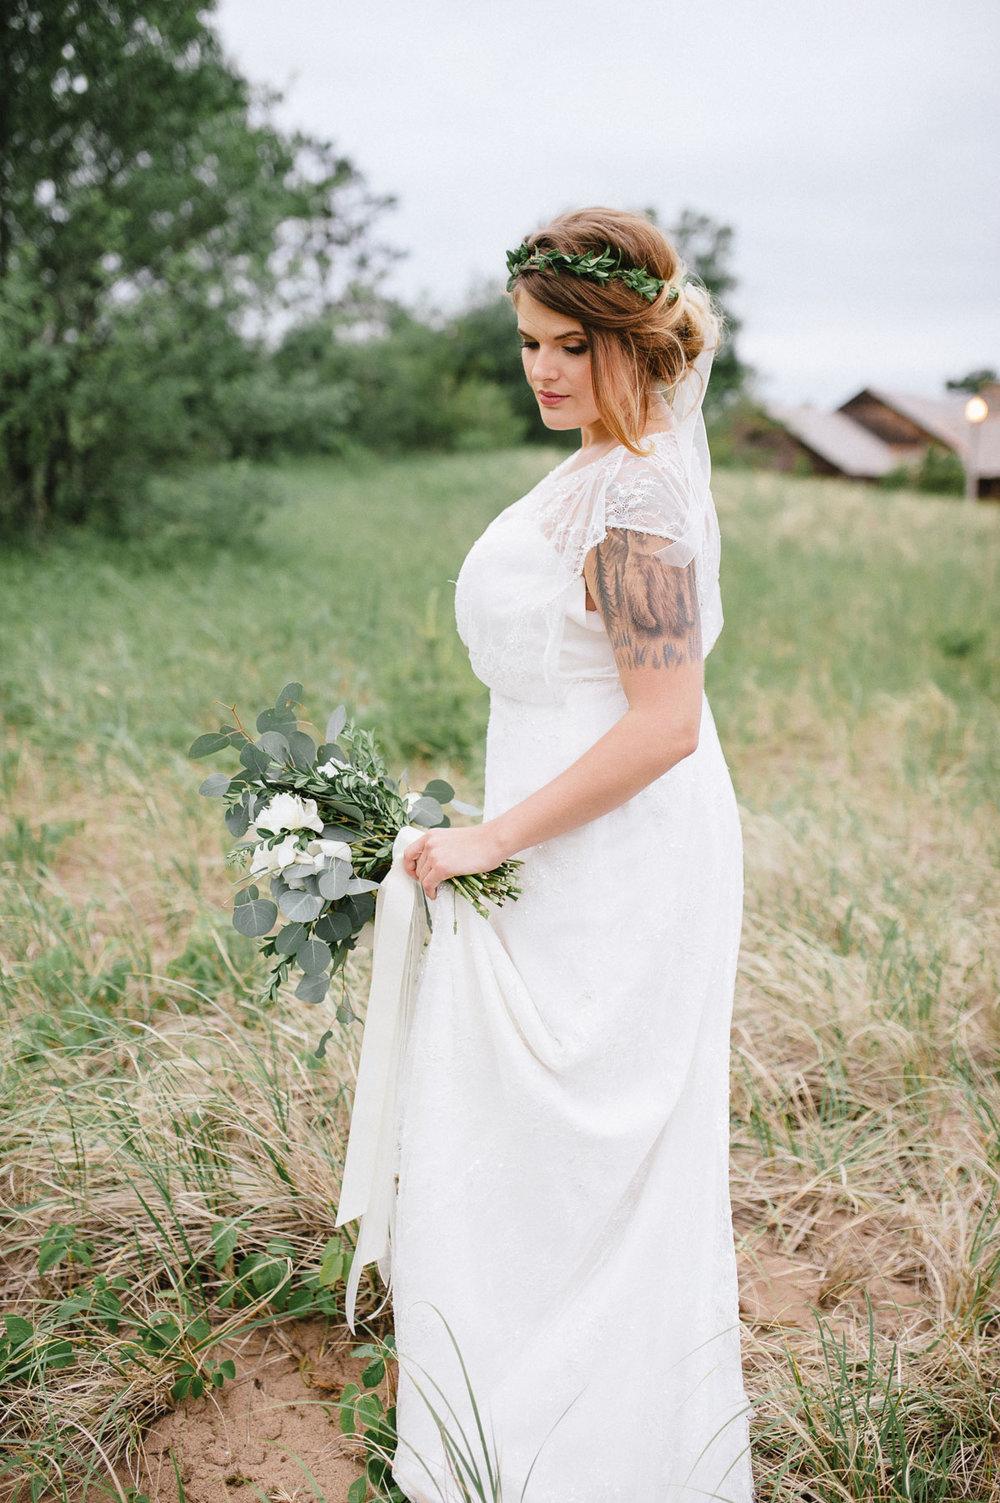 34-green wedding colour perth.jpg